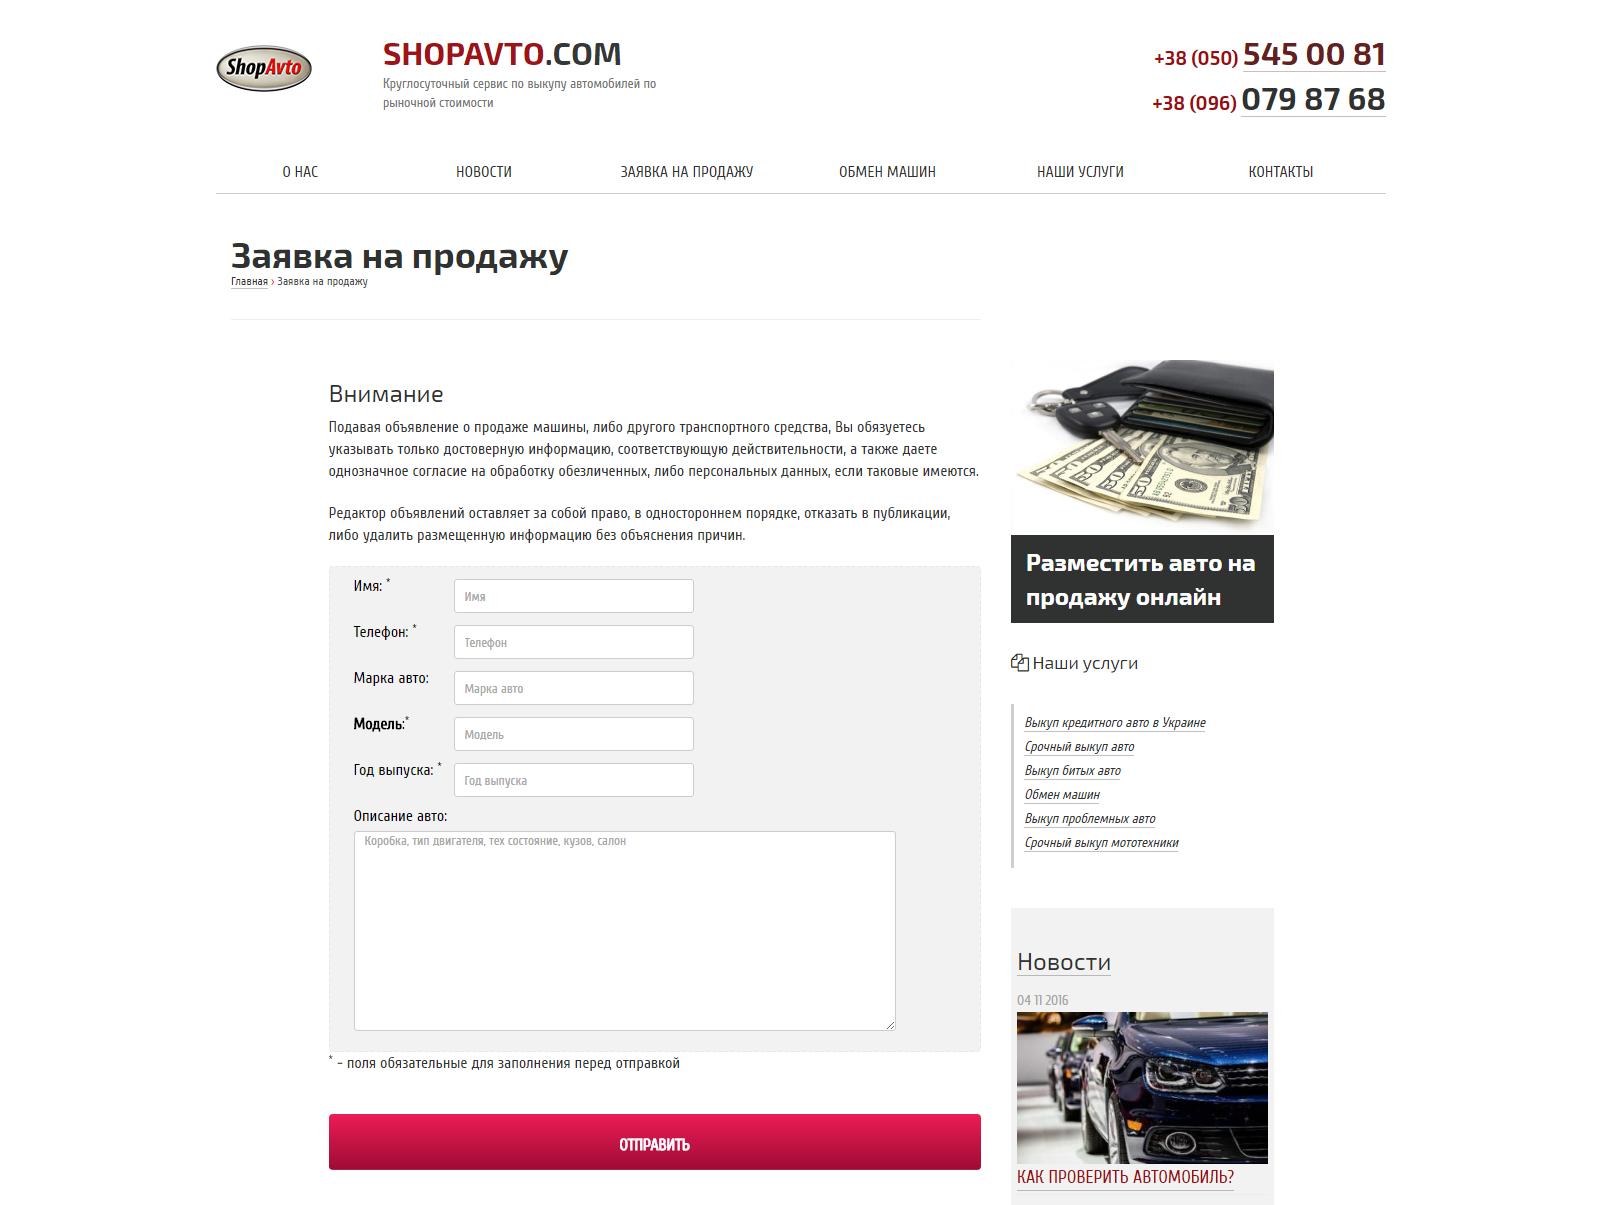 shopavto-com-2016-11-14